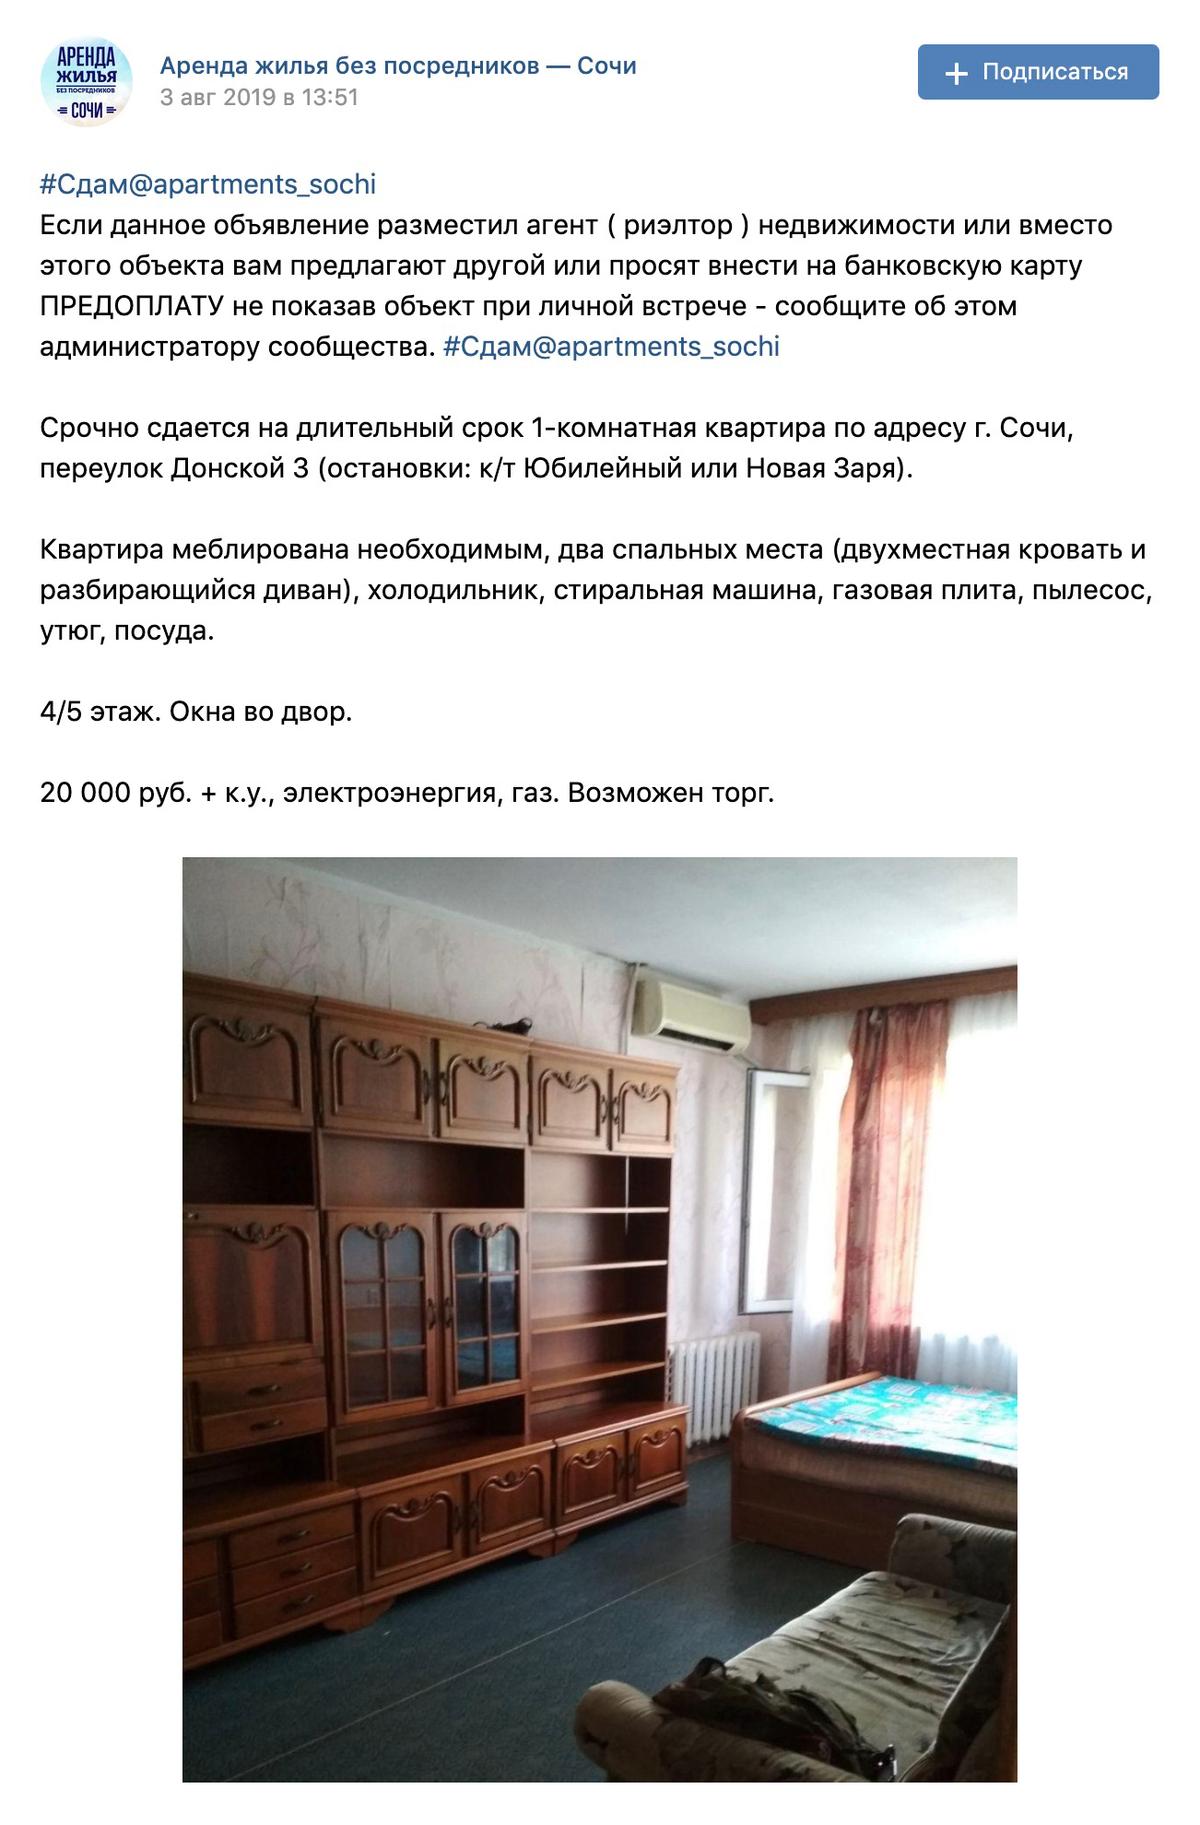 Во «Вконтакте» предлагают квартиру за 20 000 в микрорайоне Донская. Цена неплохая, но до моря и центра города — 25 минут на машине без пробок